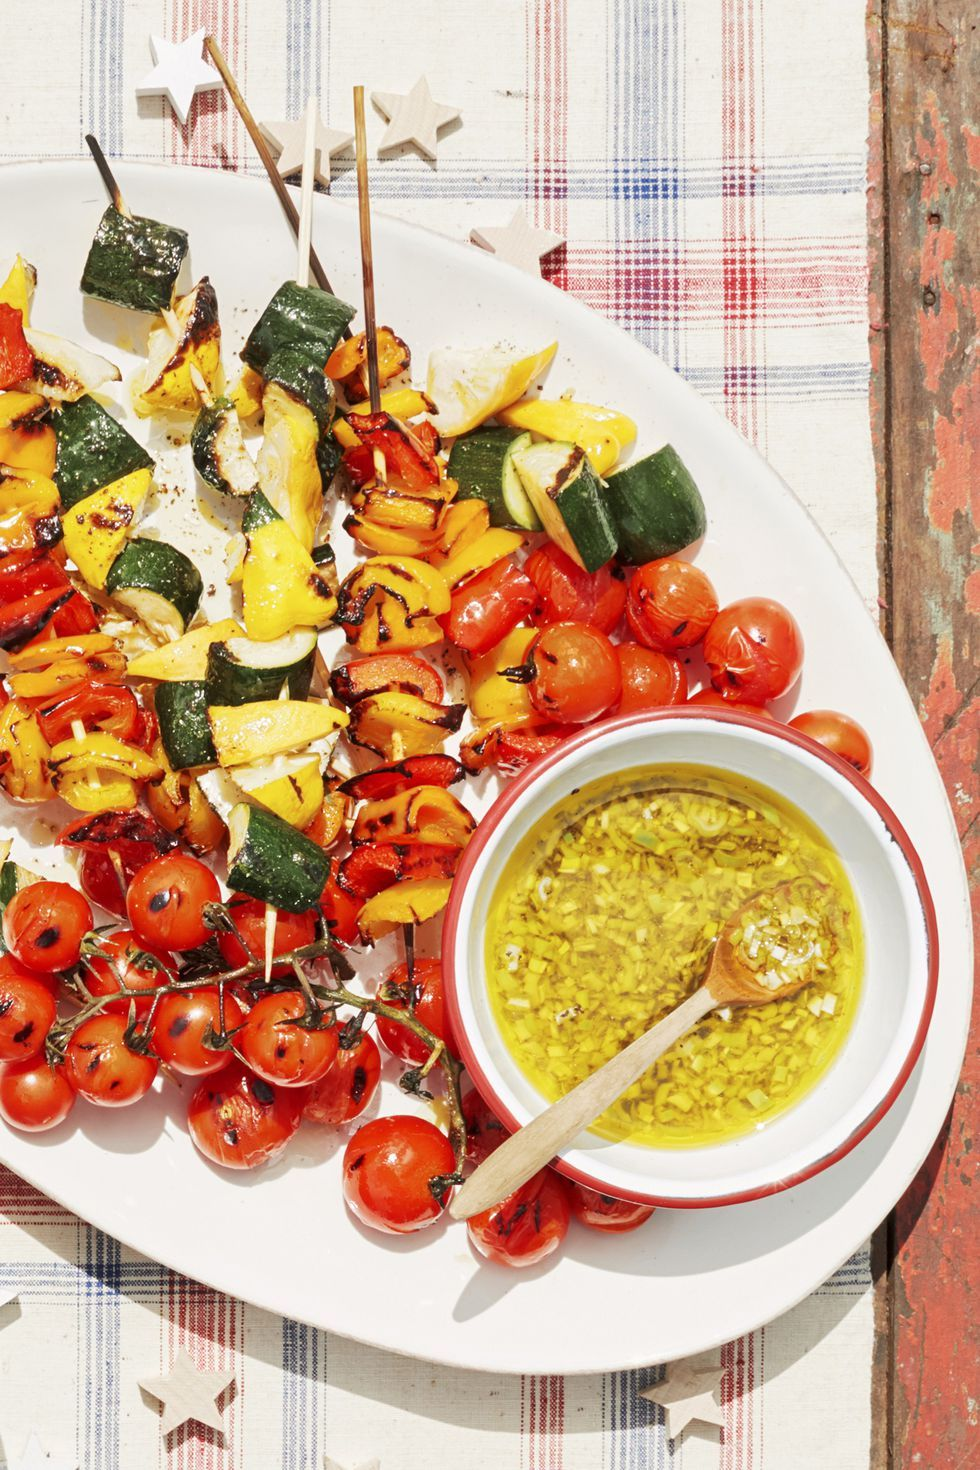 Vegetable Kebabs with Lemon-Scallion Vinaigrette